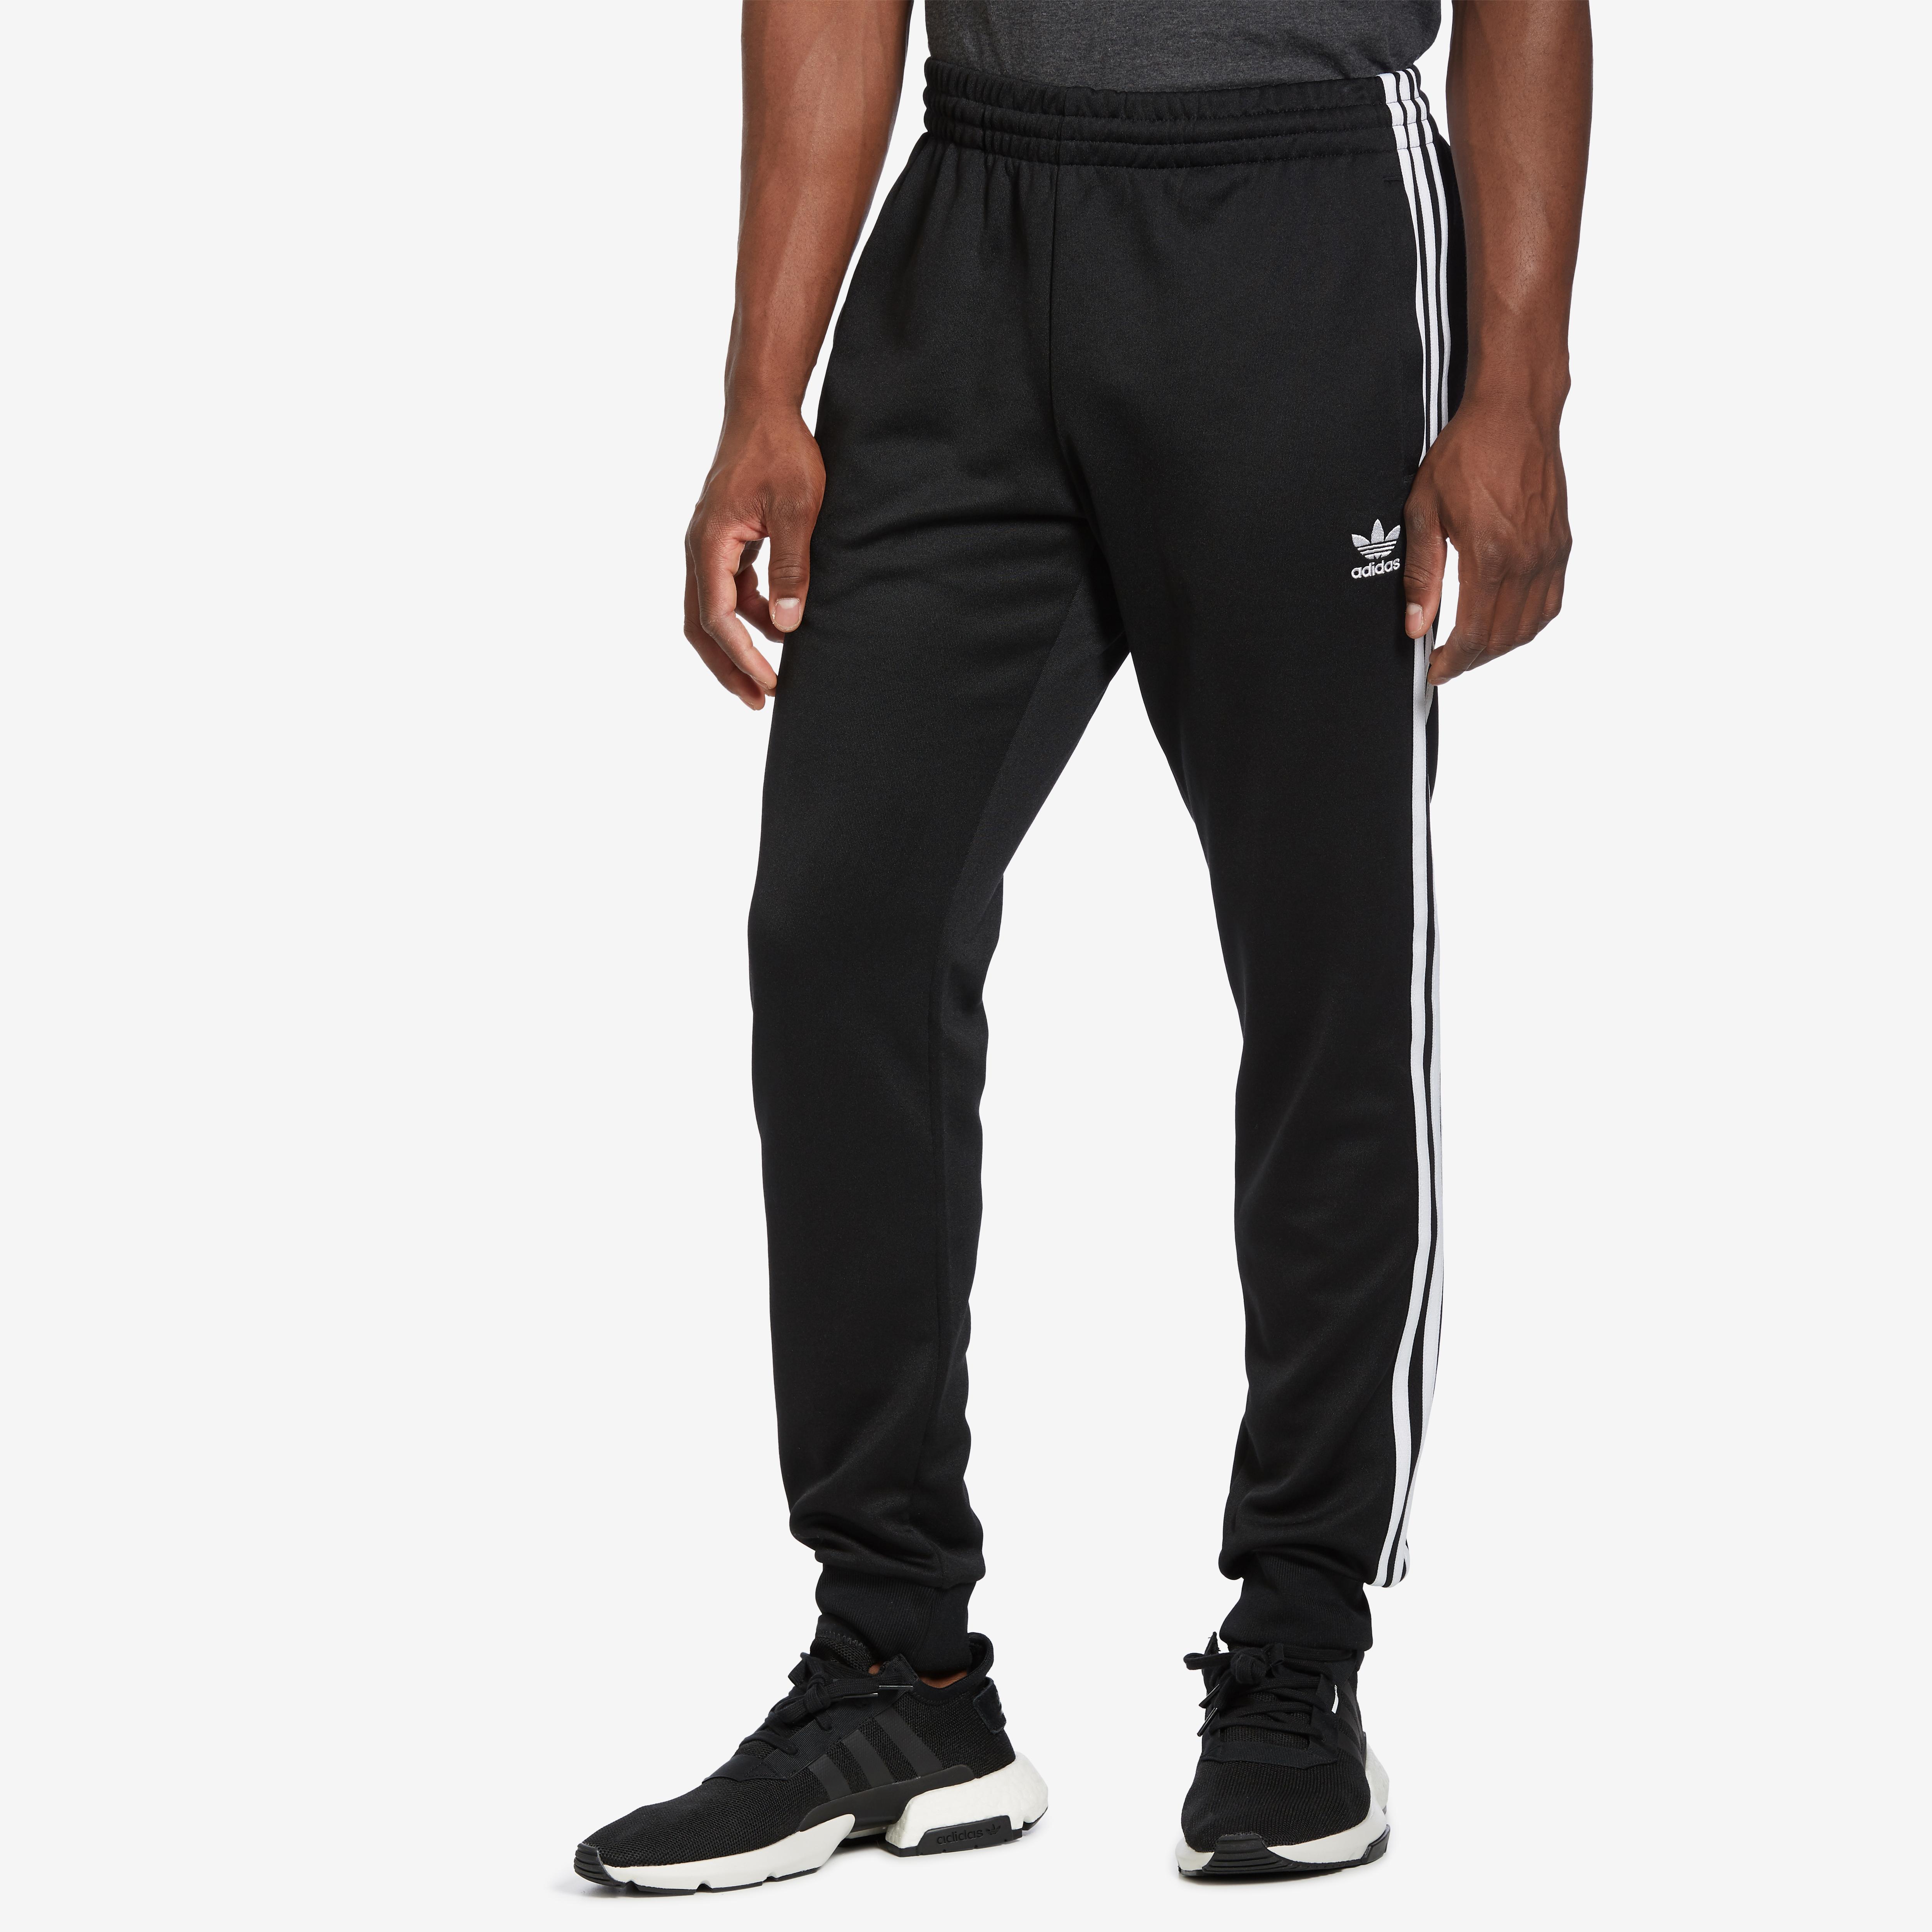 Men's Sst Track Pants